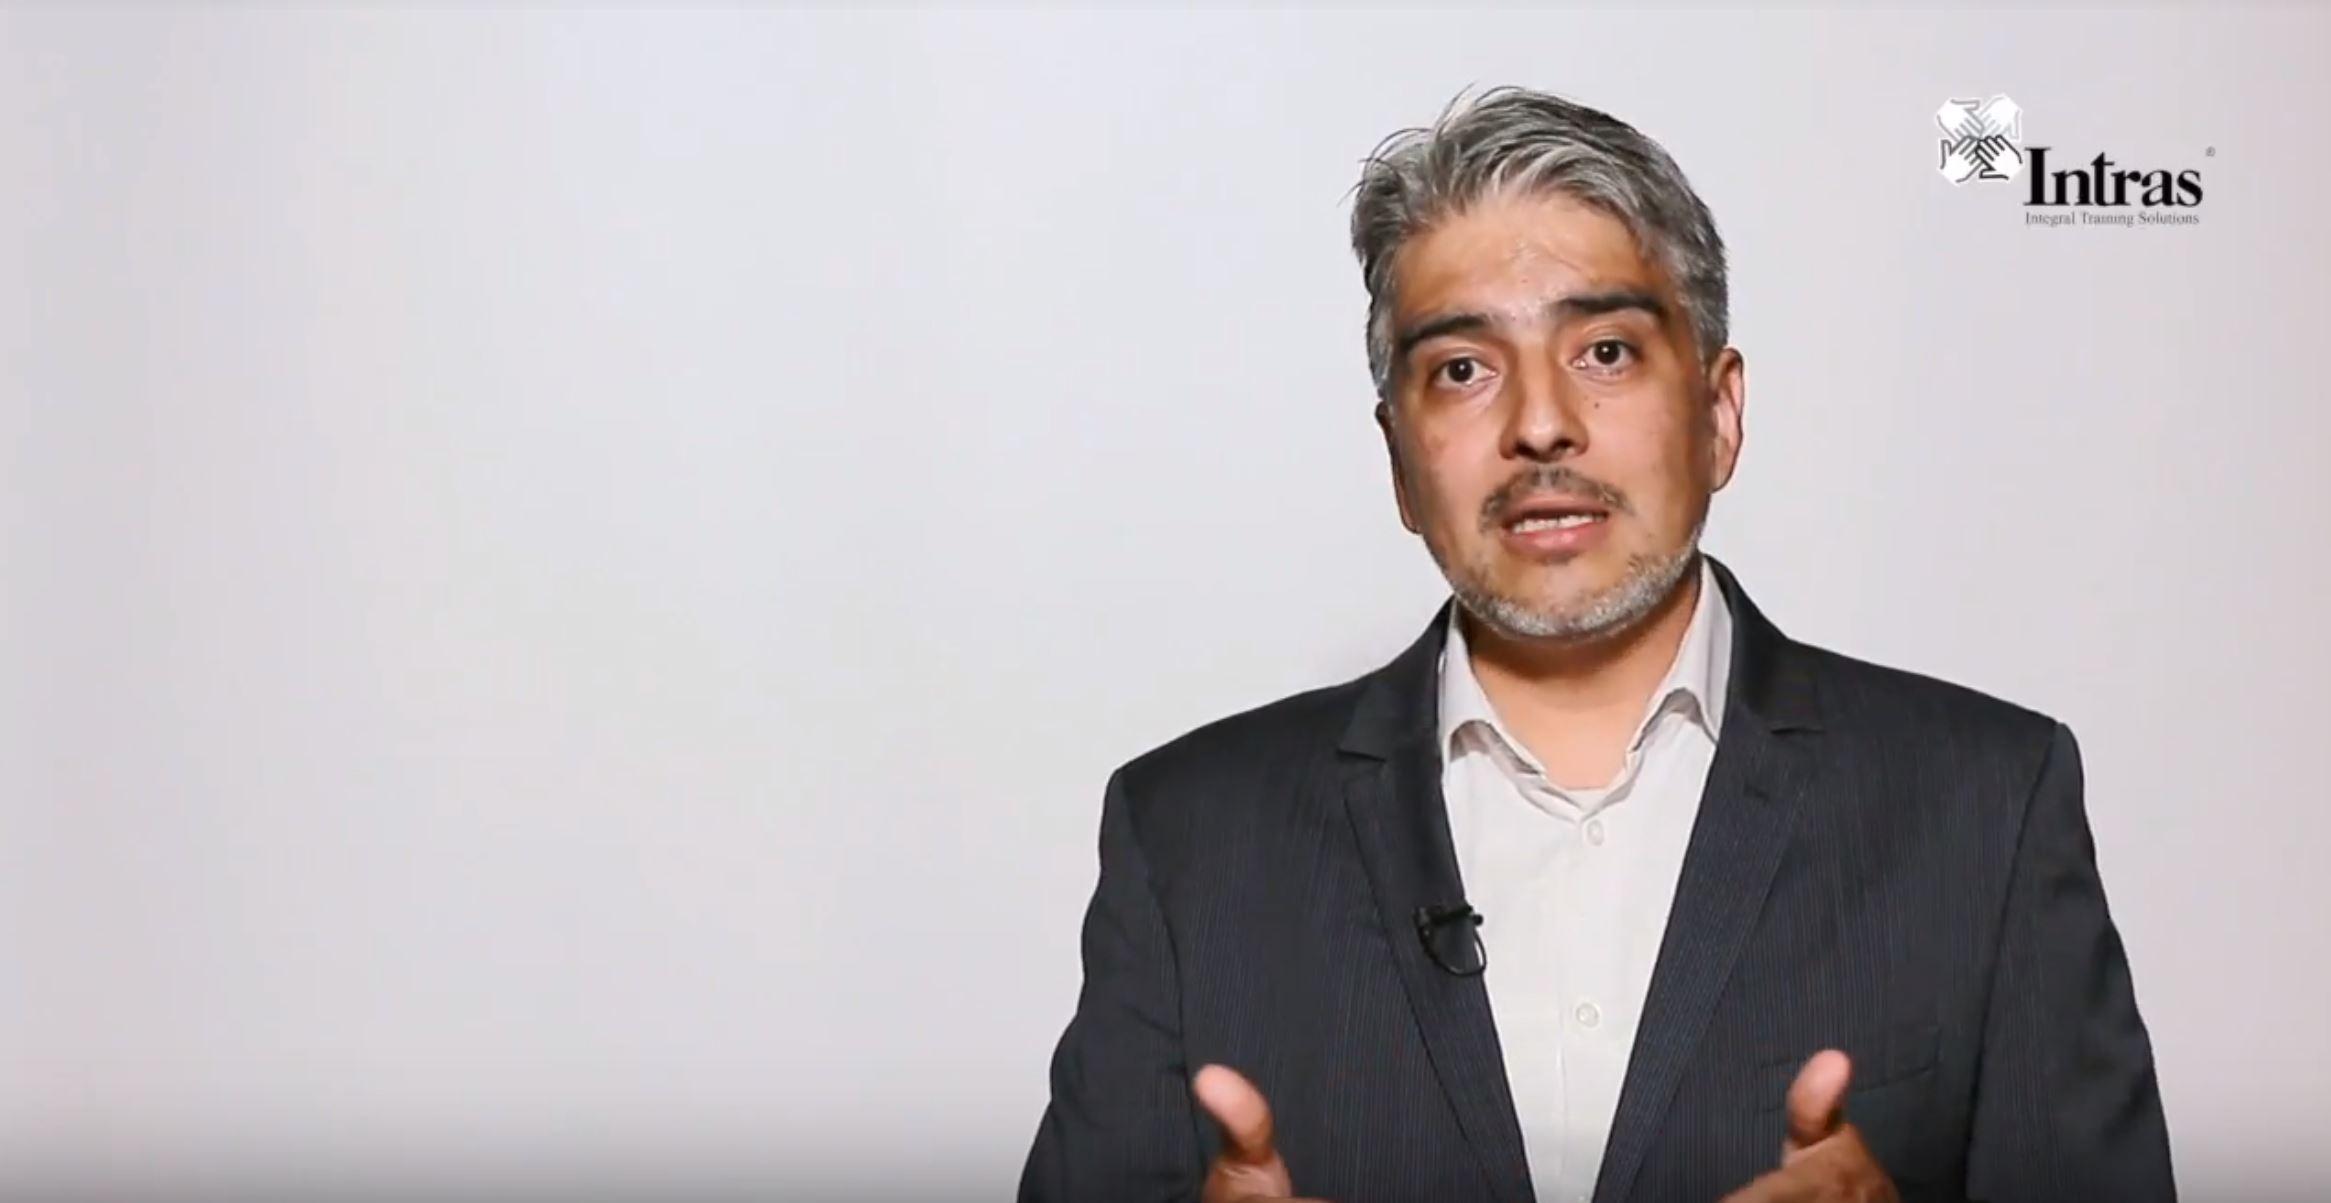 Vídeo – Enfoque la cobranza como un proceso de venta y de servicio al cliente